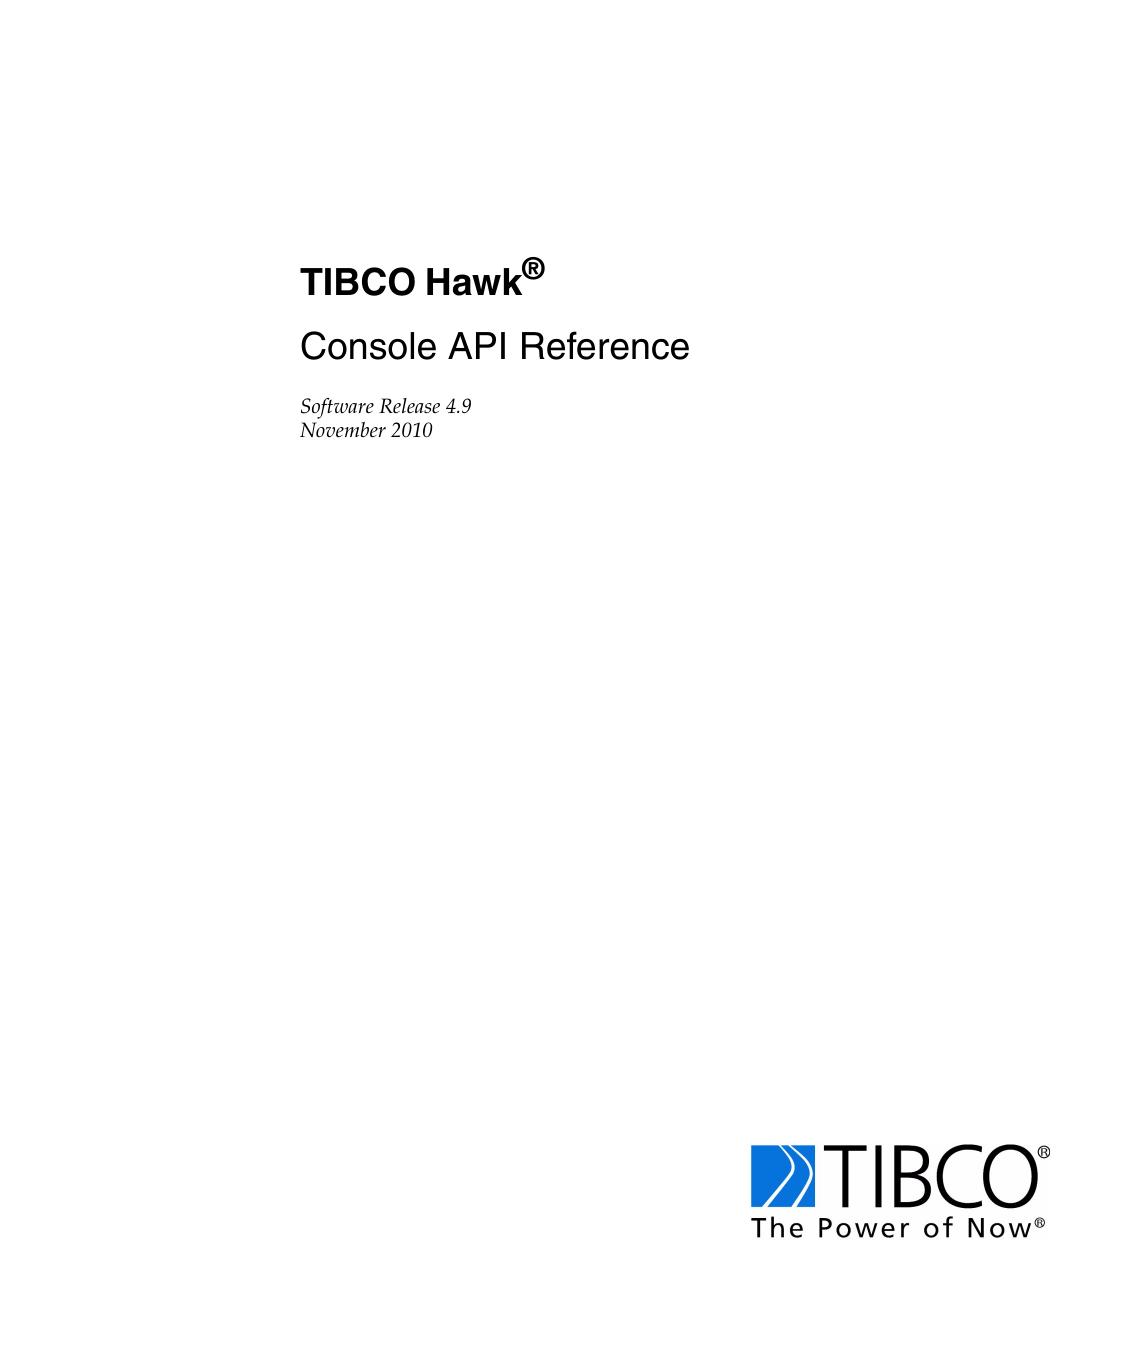 TIBCO Hawk Console API Reference |